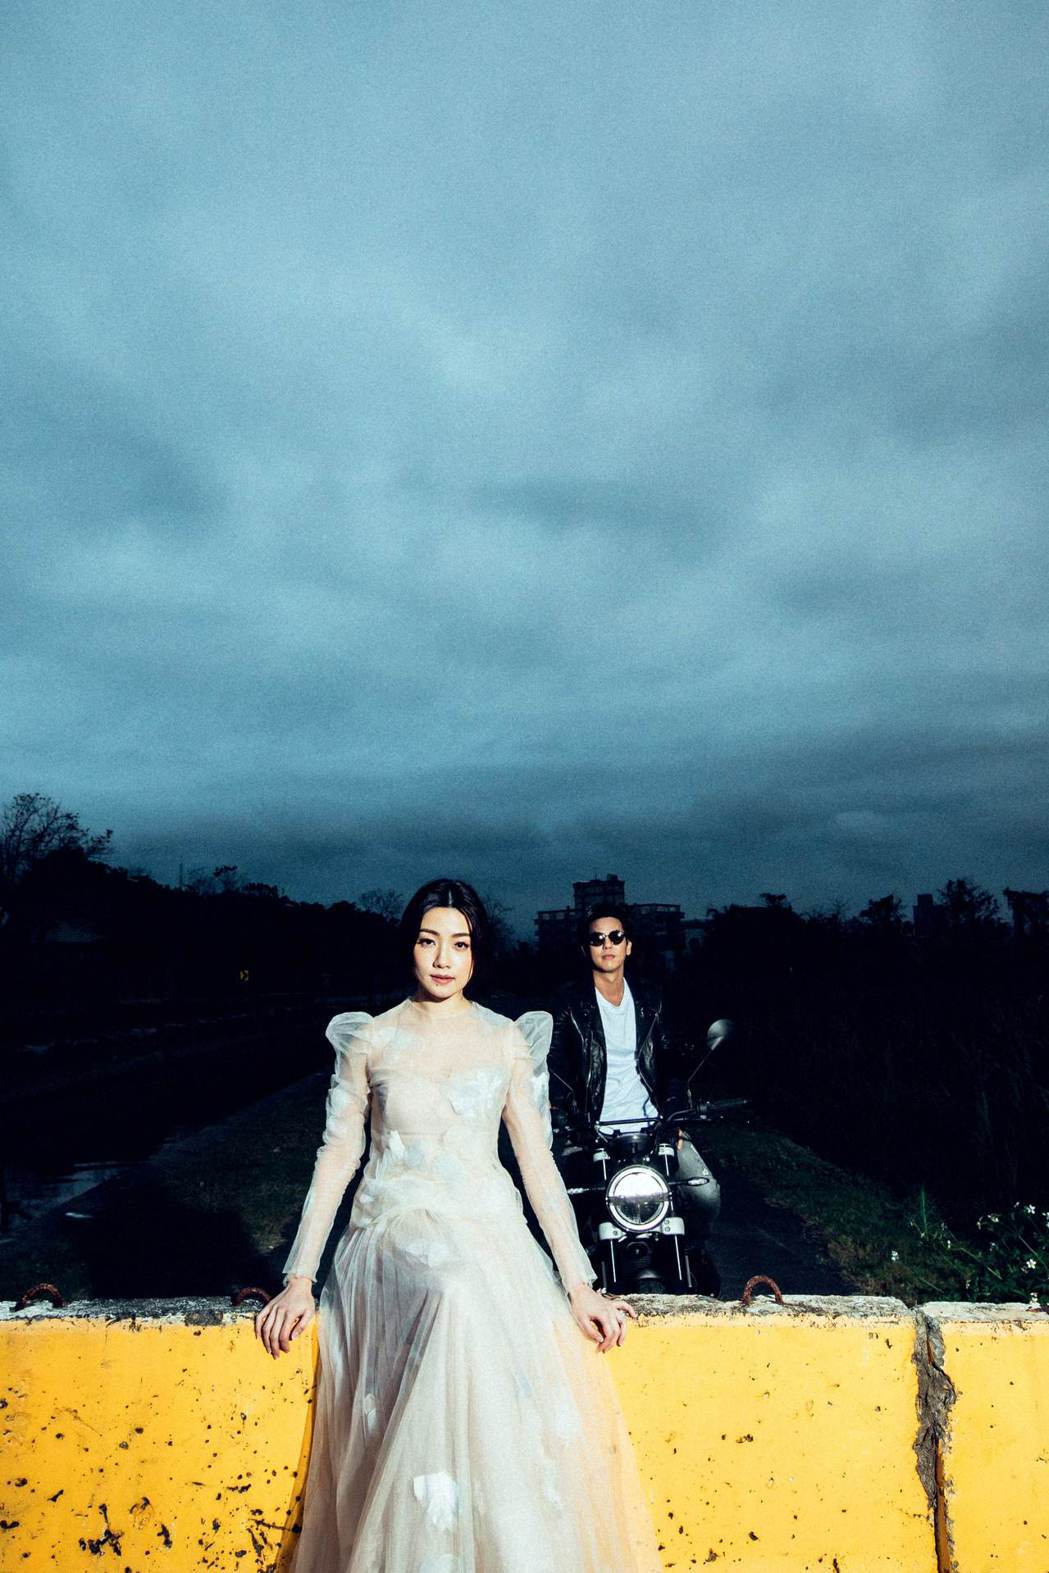 柯有倫和老婆Donna婚紗照浪漫唯美。圖/林莉婚紗提供